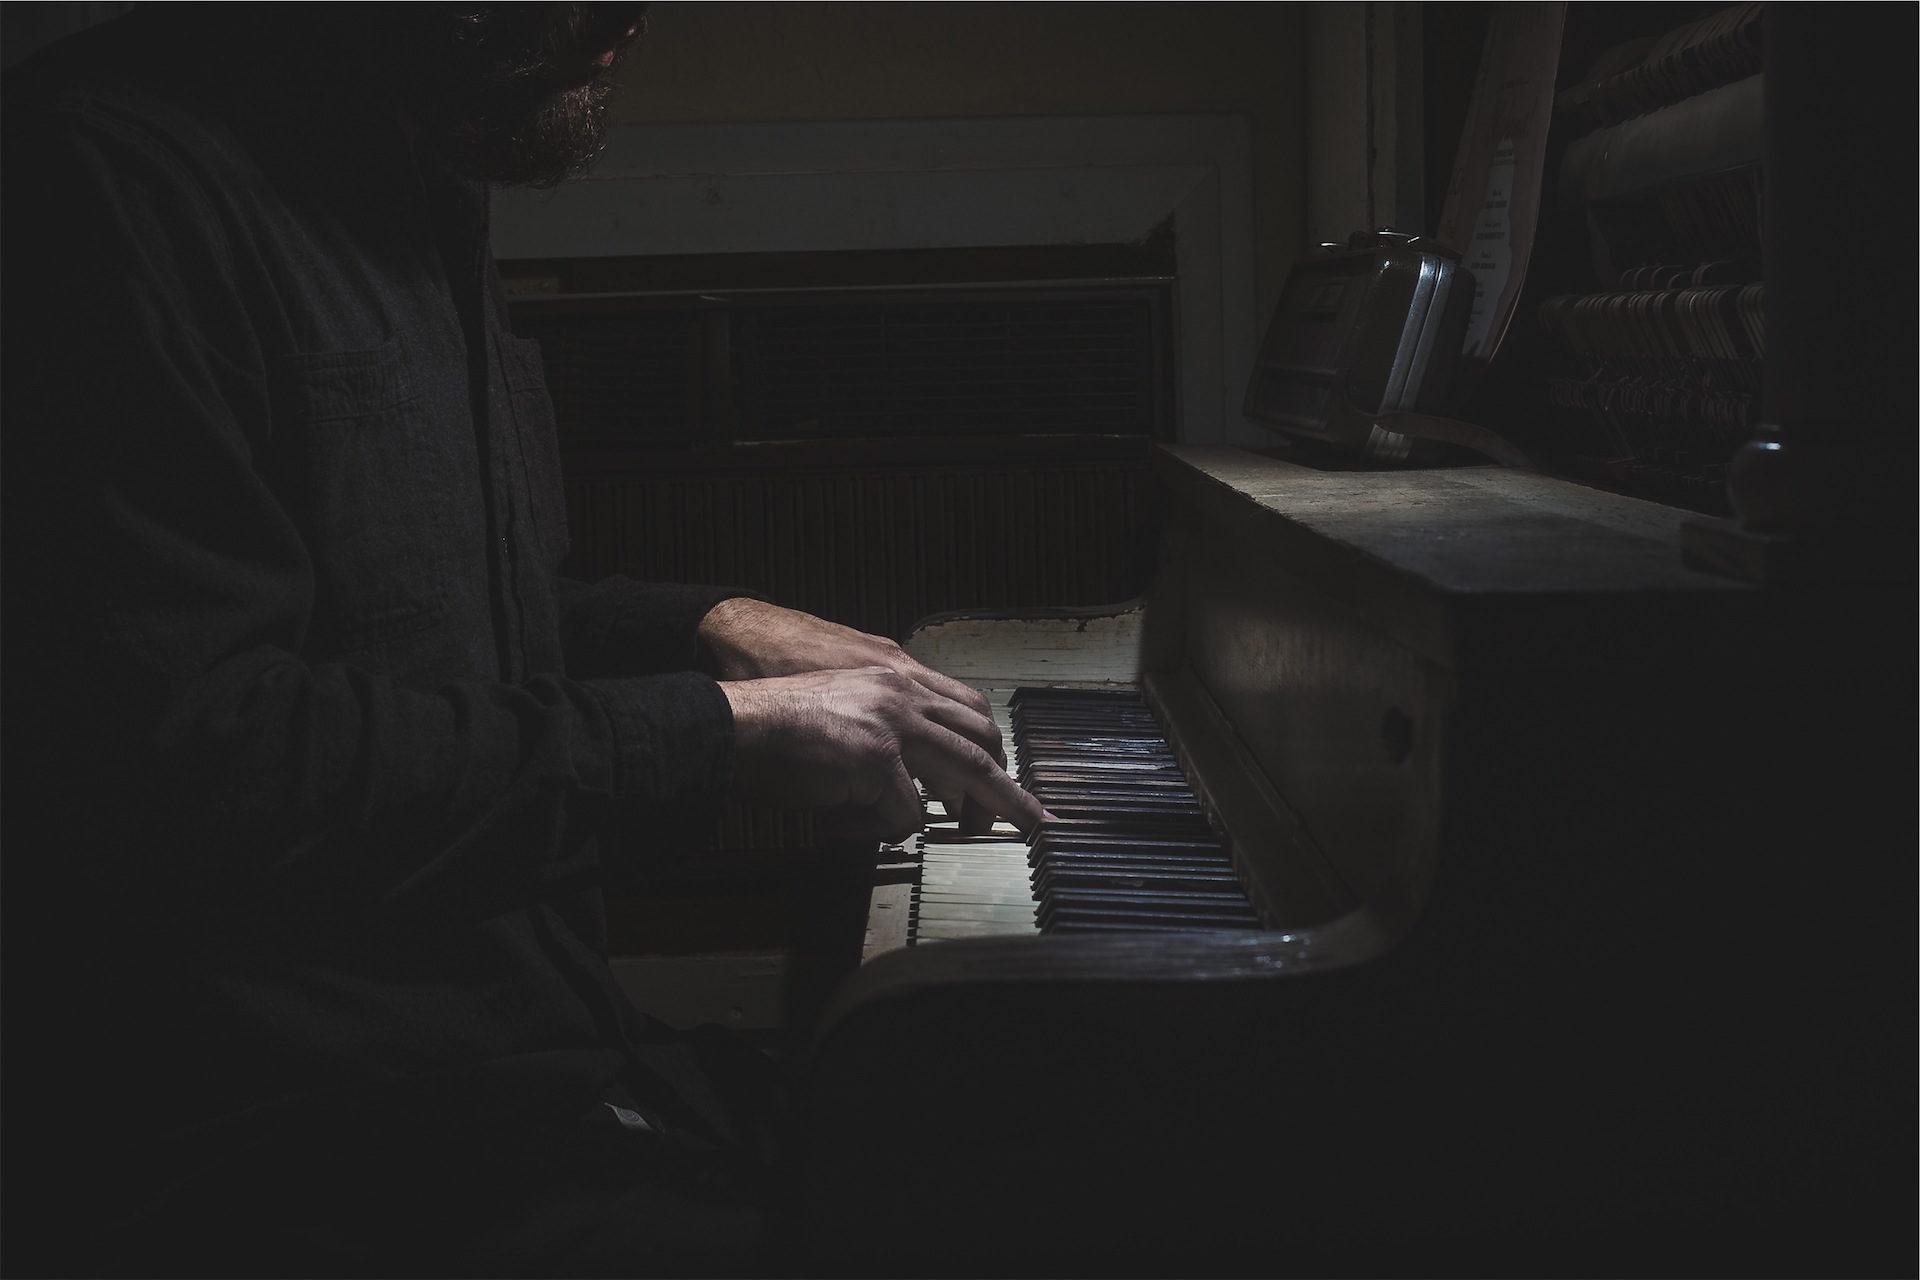 पियानो, पुराने, आदमी, músico, कुंजियाँ - HD वॉलपेपर - प्रोफेसर-falken.com